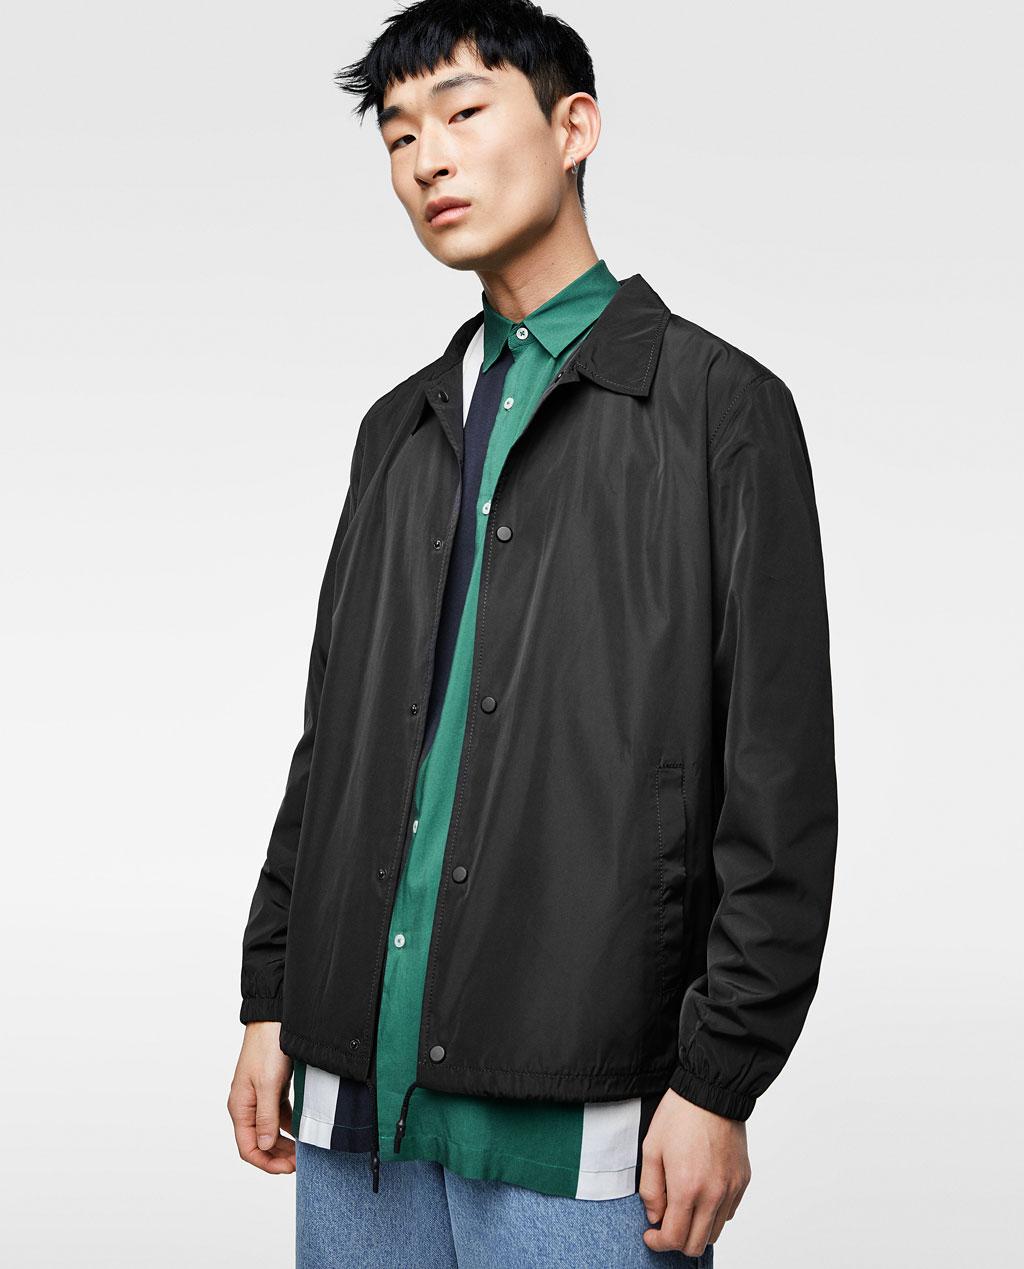 Thời trang nam Zara  24069 - ảnh 4